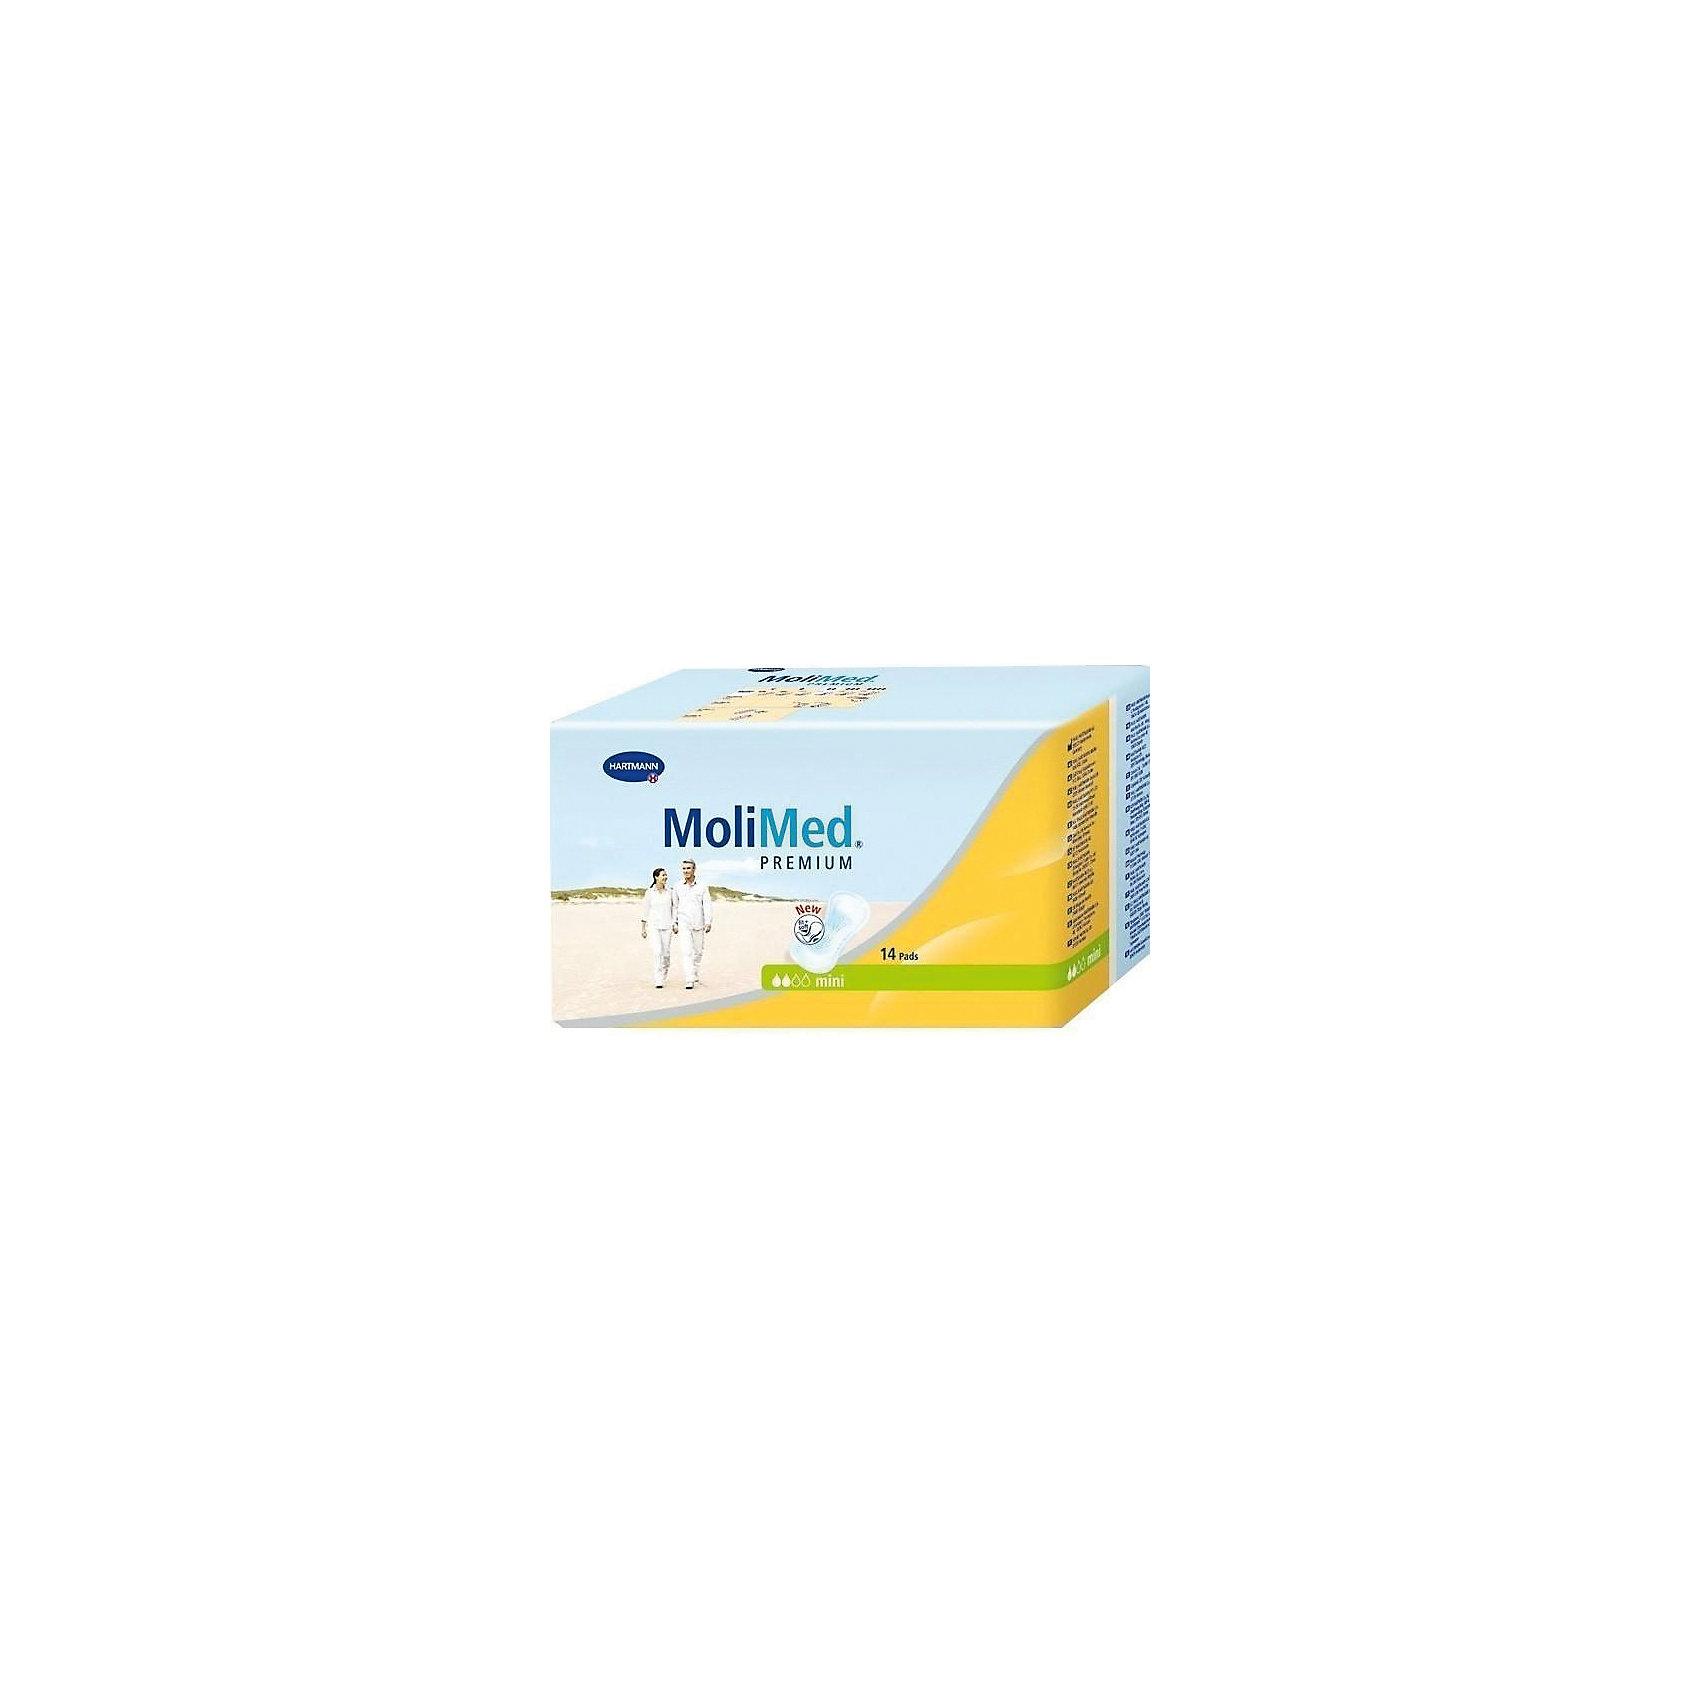 Прокладки MoliMed Premium mini впитываемость 316 мл, 14шт, HartmannСредства для ухода<br>Рекомендуются при критических днях, легкой степени недержания у женщин, ведущих активный образ жизни, и в качестве защитного средства после вагинальных вмешательств до и после родов. Прокладки имеют анатомическую форму и трехслойную впитывающую подушку, которая обеспечивает максимальную впитываемость. Гипоаллергенны, подходят для чувствительной кожи. Незаметны при ношении. <br>Впитываемость: 316 мл.<br>Состав<br>    Изготовлены из экологически чистого сырья, дерматологически протестированы, предотвращают появление возможных раздражений кожи.<br>    Впитывающий слой Dry-Plus из распушенной целлюлозы поглощает влагу во впитывающую подушку, оставаясь сухим для кожи<br>    Суперабсорбент High Dry SAP, превращающий жидкость в гель, удерживает жидкость и запах внутри.<br>    Эластичный кант, плотно прилегающий к телу, предотвращая протекание, гарантирует комфорт и надежность.<br>    Широкая клеящая полоса надежно фиксирует прокладку к белью.<br><br>Ширина мм: 120<br>Глубина мм: 220<br>Высота мм: 150<br>Вес г: 230<br>Возраст от месяцев: 216<br>Возраст до месяцев: 1188<br>Пол: Унисекс<br>Возраст: Детский<br>SKU: 4796664